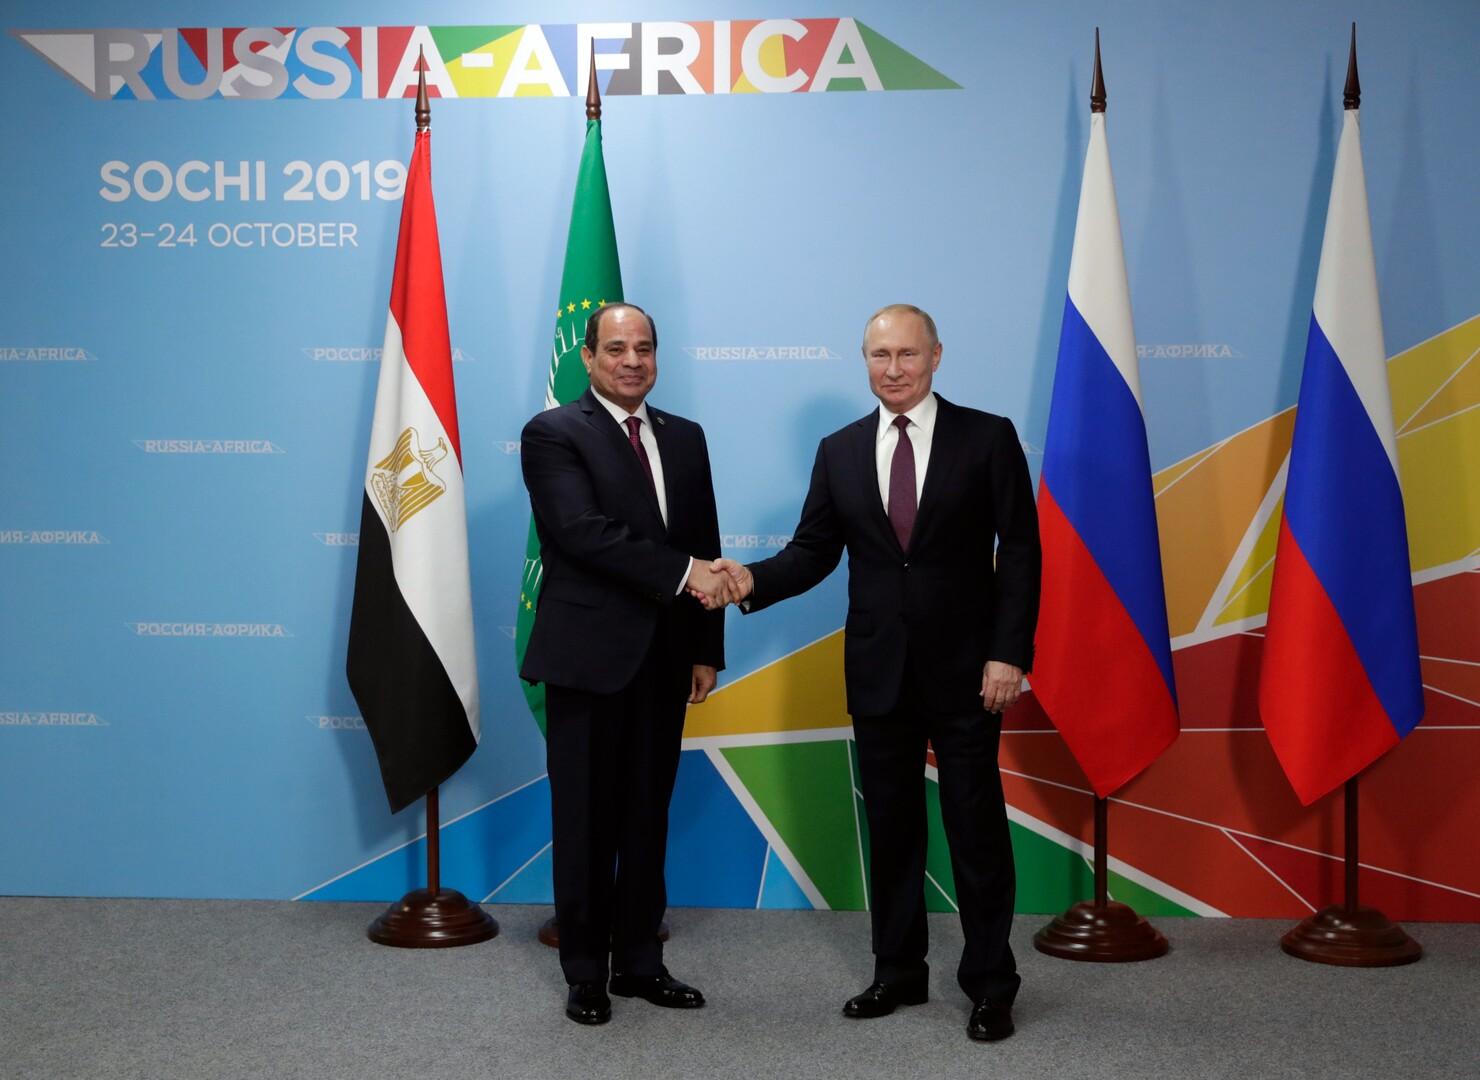 بوتين: الإمارات تهتم بالمشاريع الروسية-المصرية المشتركة في مجال الصناعة